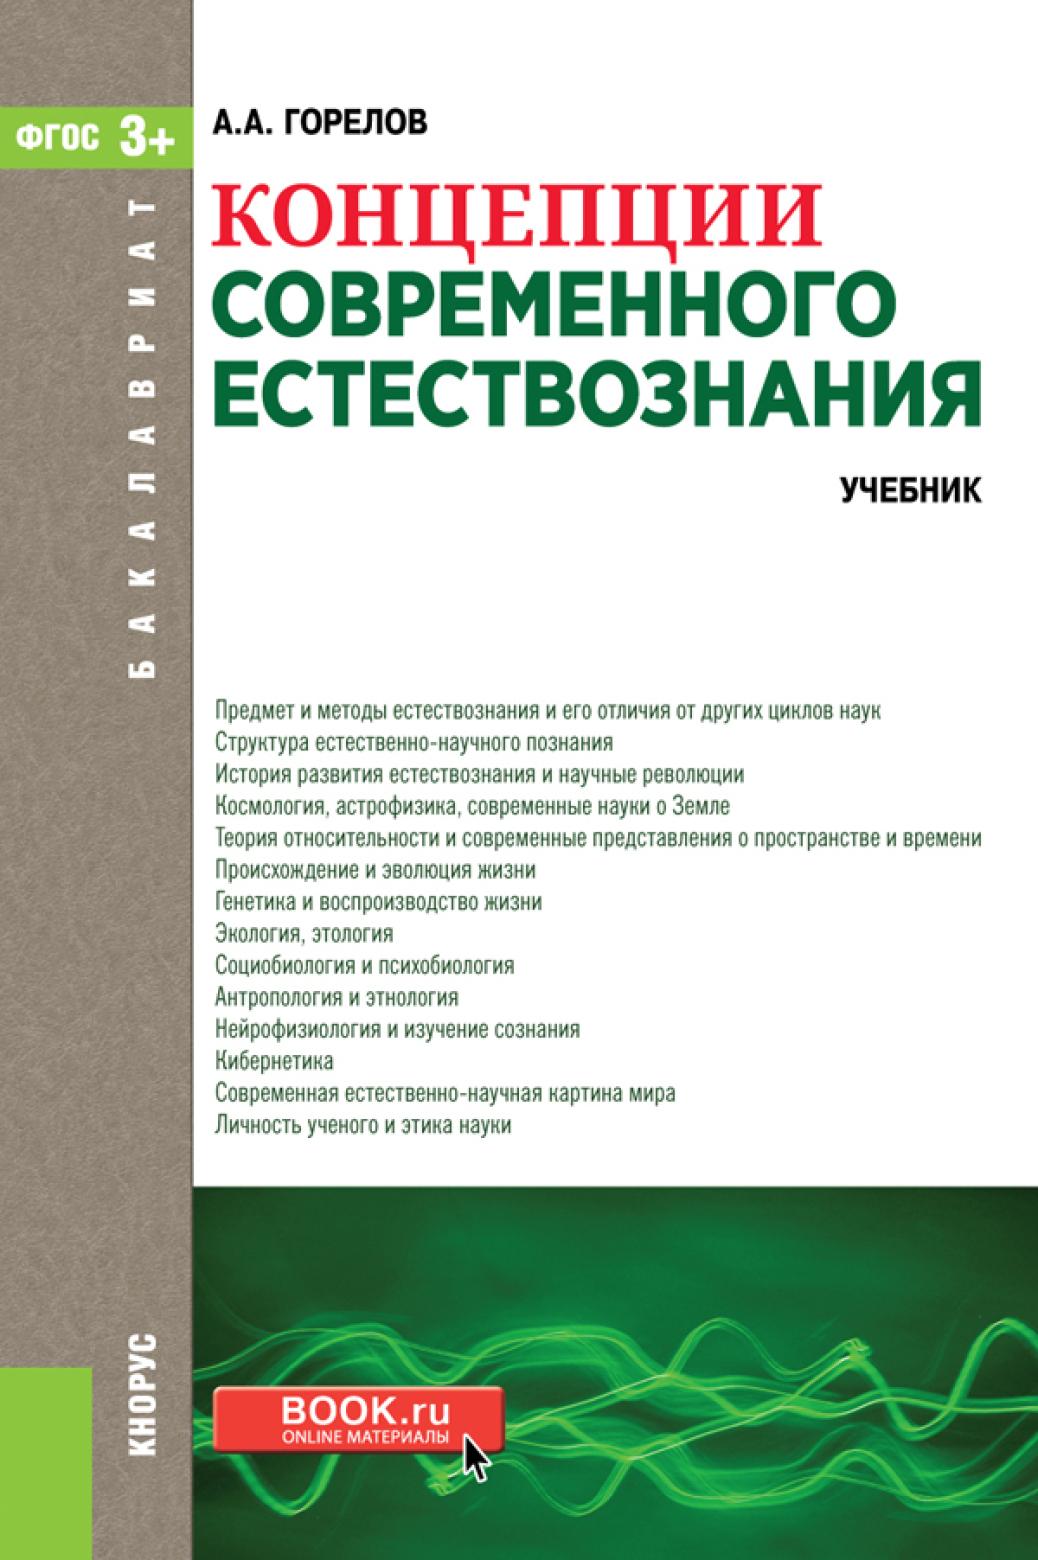 А. А. Горелов Концепции современного естествознания горелов а концепции совр естествознания горелов isbn 9785969200036